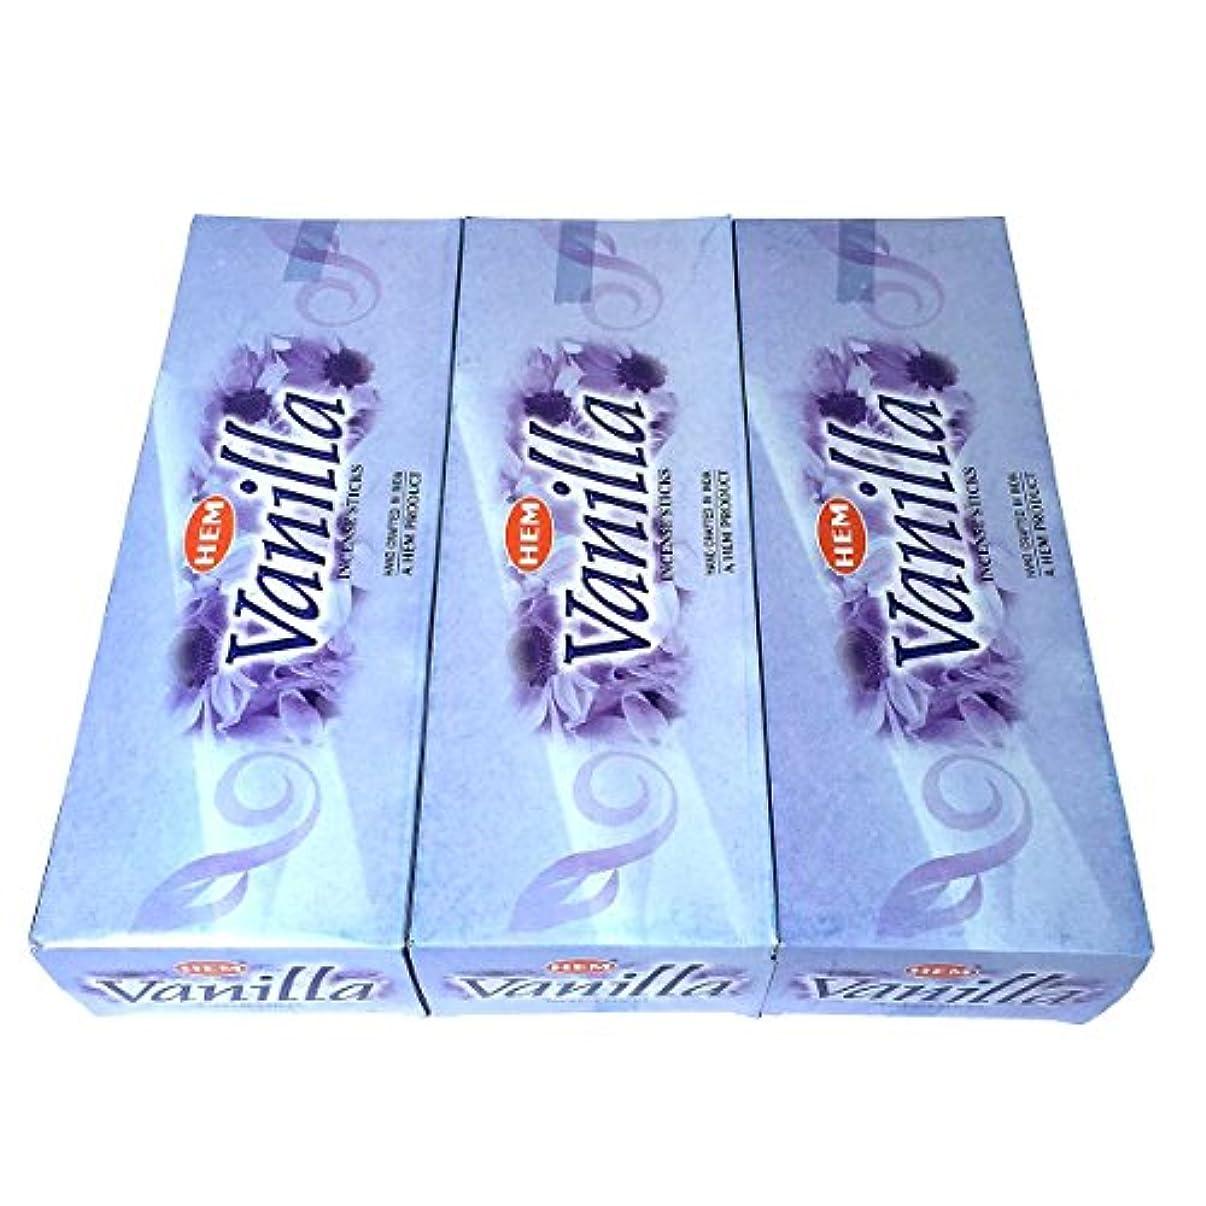 ミス残高将来のバニラ香 スティック 3BOX(18箱)/HEM VANILLA / インド香 お香 [並行輸入品]